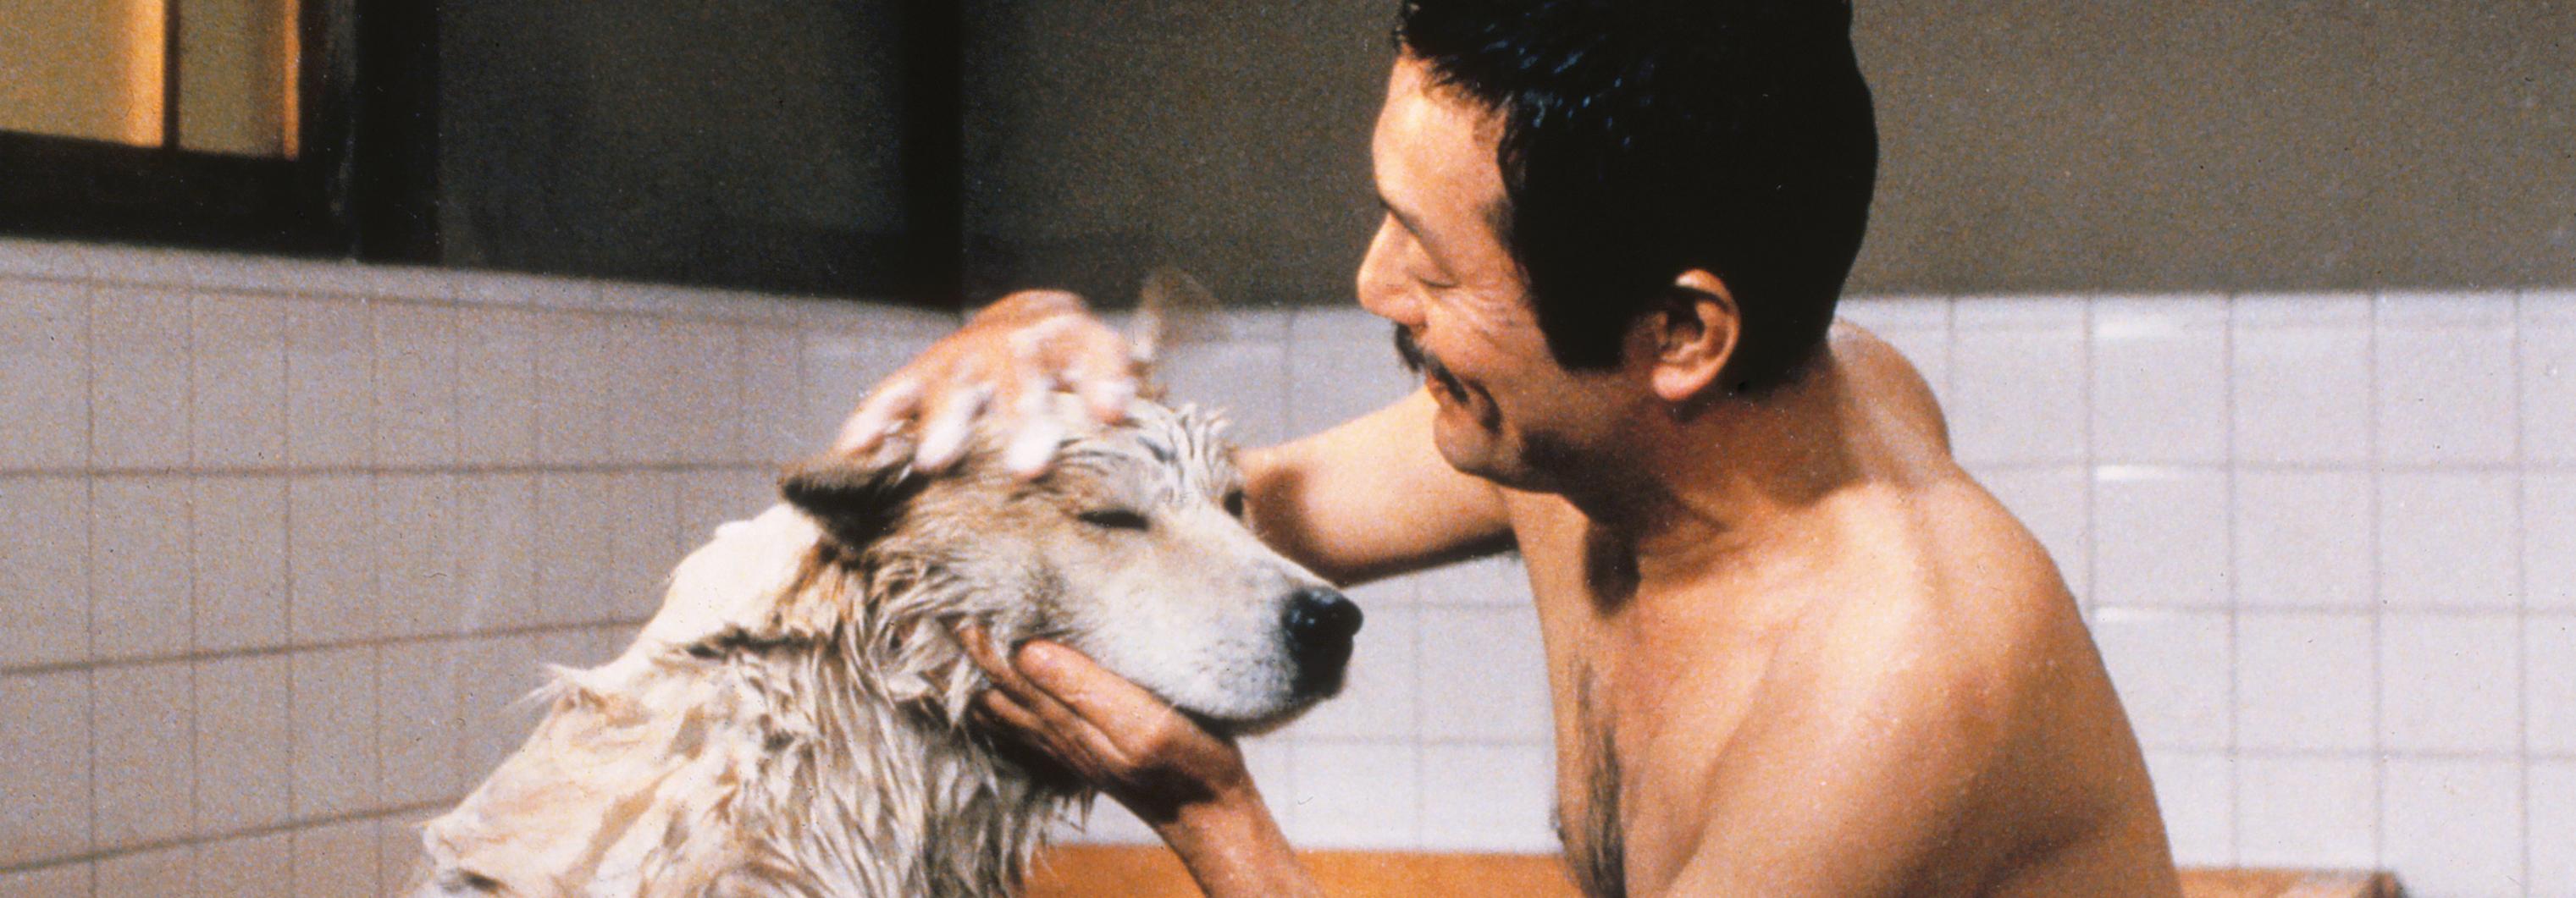 忠犬八公物语-豆瓣9.0的史诗级催泪片,看十次哭十次